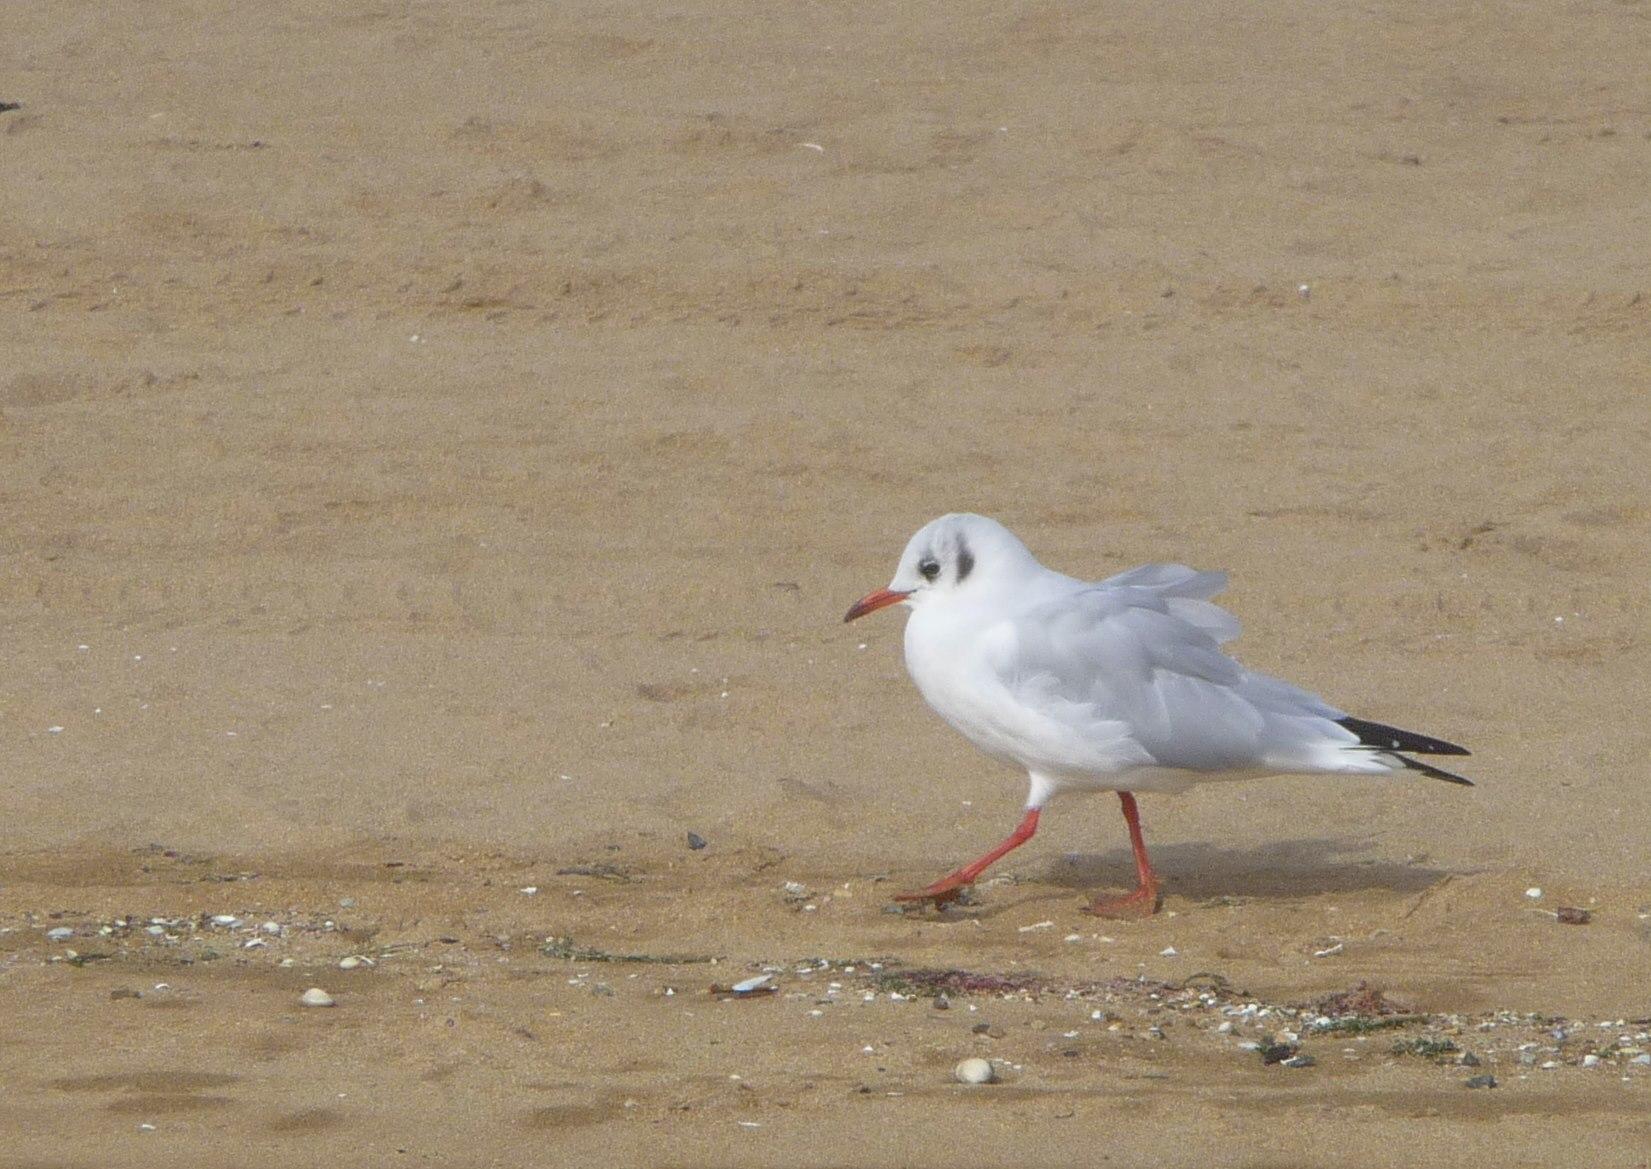 A seagull on a sandy beach